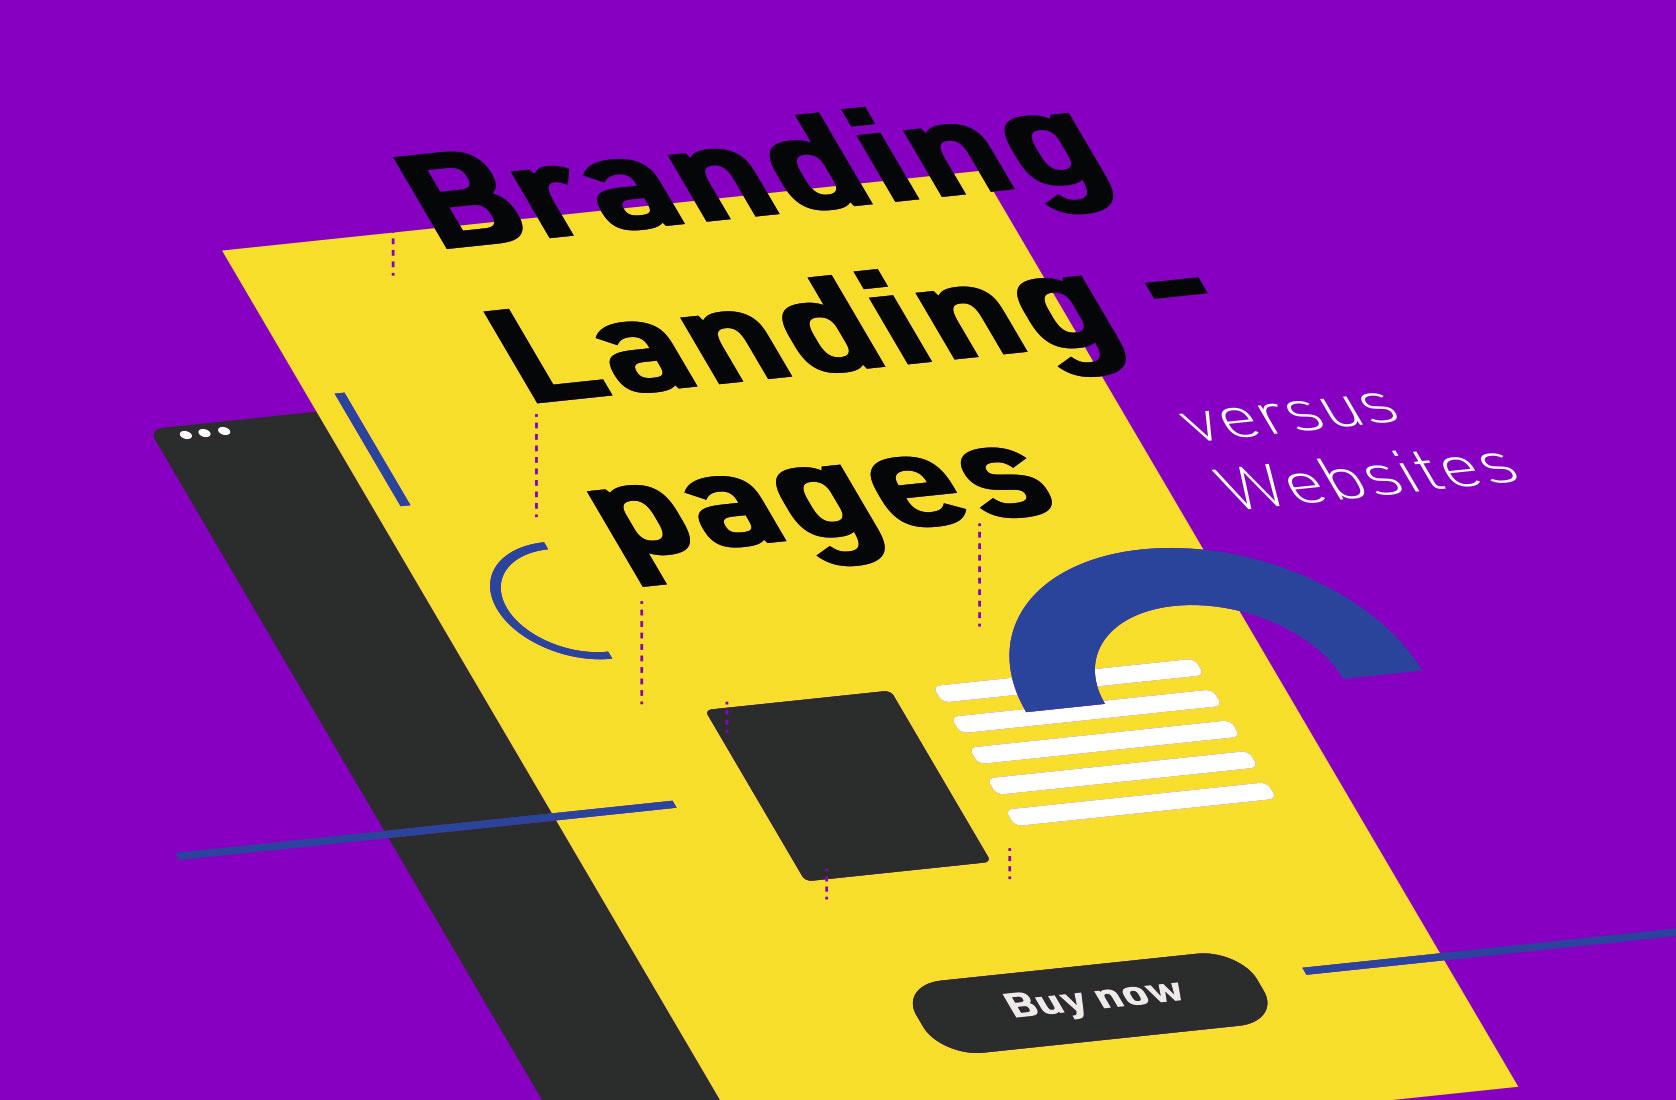 Branding Landingpage oder Website – was ist jetzt das Richtige?